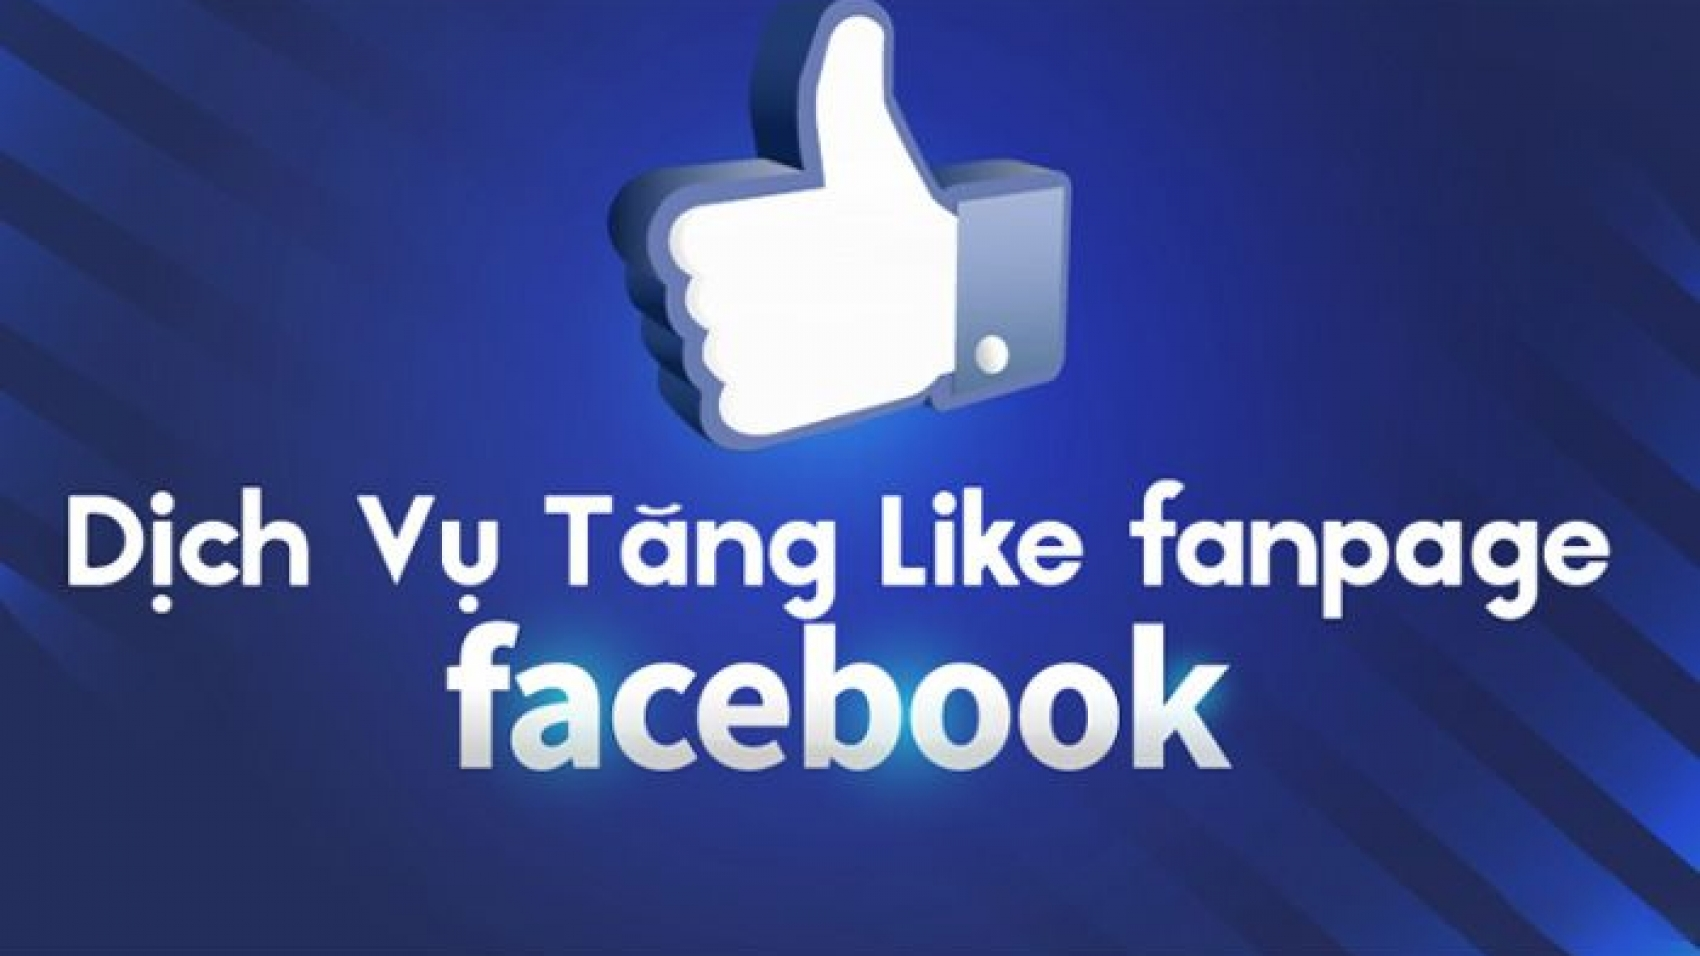 Lợi ích của dịch vụ tăng like fanpage facebook